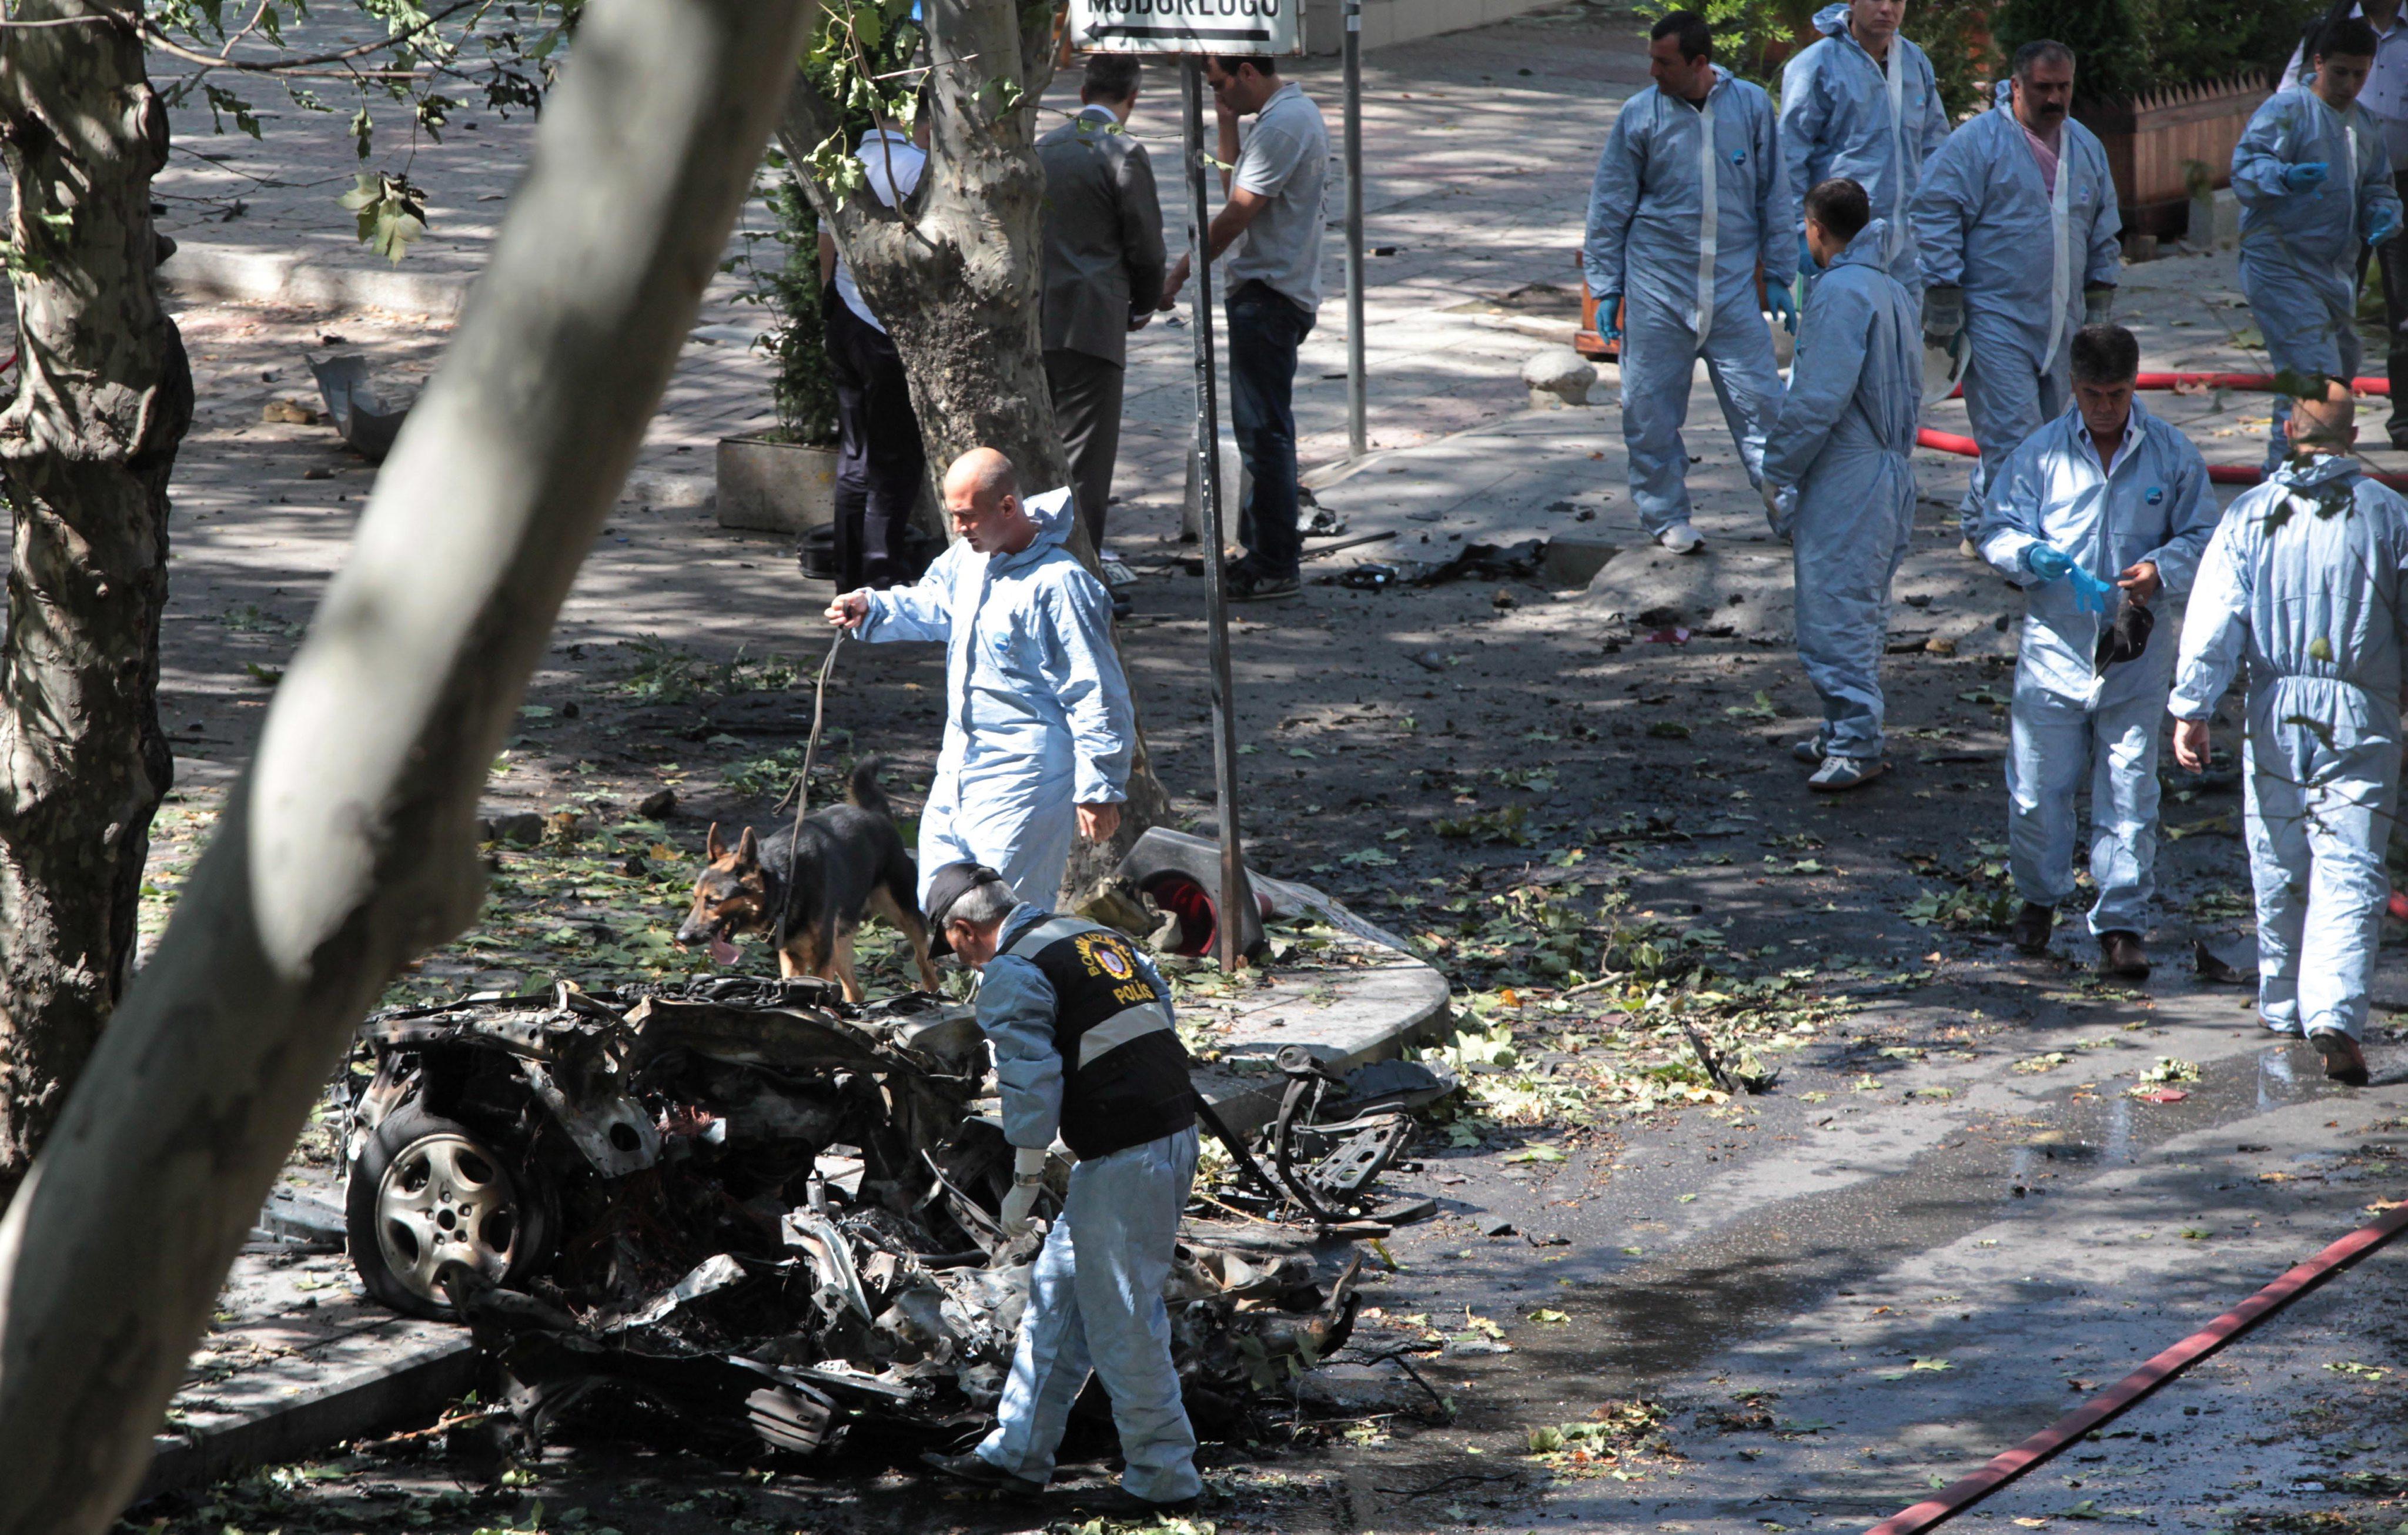 Τουρκία: βομβιστική έκρηξη με 2 νεκρούς και 19 τραυματίες   tovima.gr